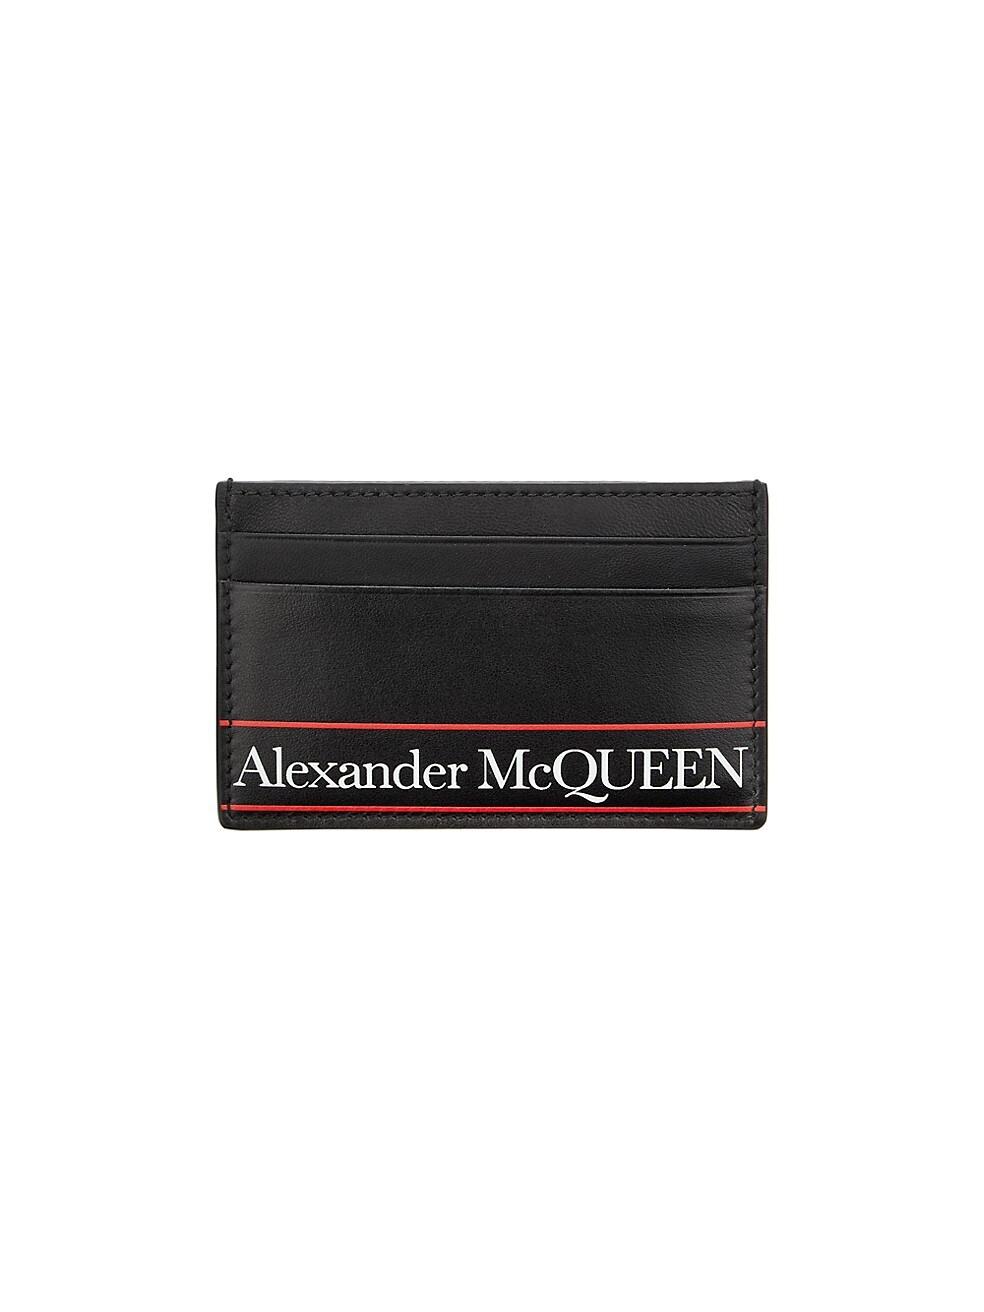 알렉산더 맥퀸 Alexander McQueen Logo Leather Card Holder,BLACK RED